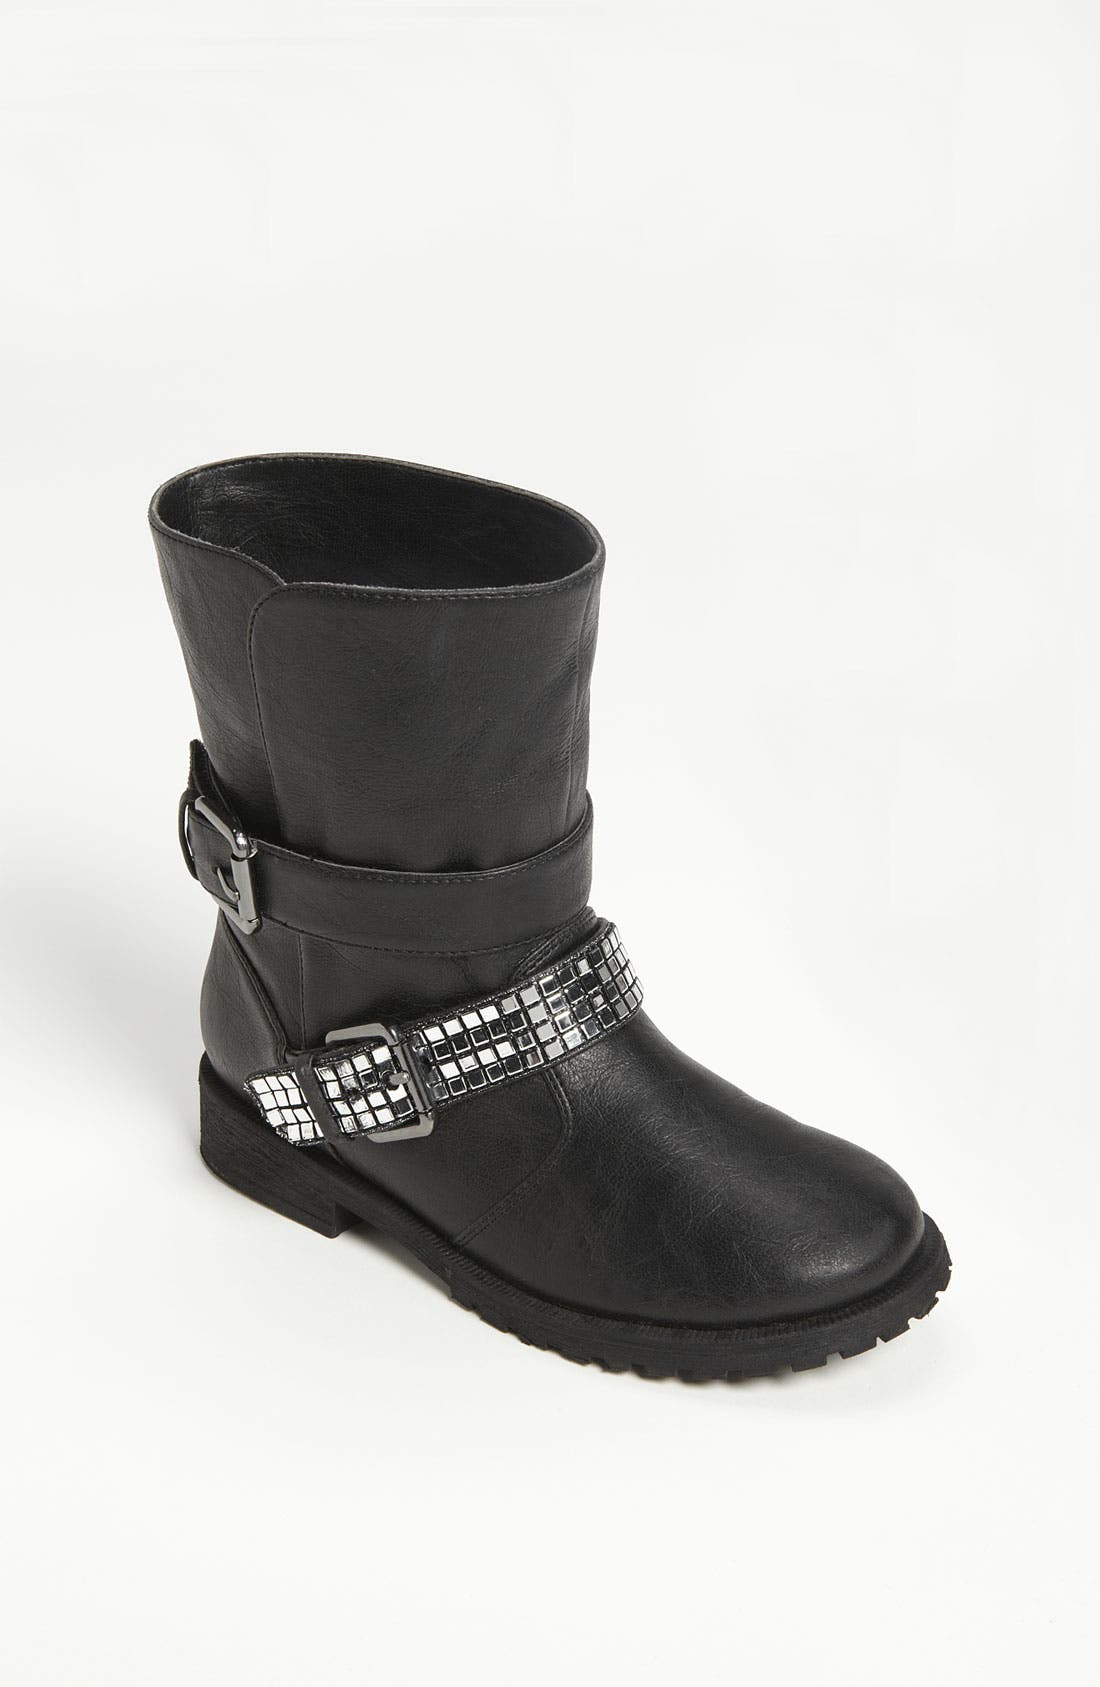 Alternate Image 1 Selected - Nordstrom 'Lindy' Boot (Toddler, Little Kid & Big Kid)